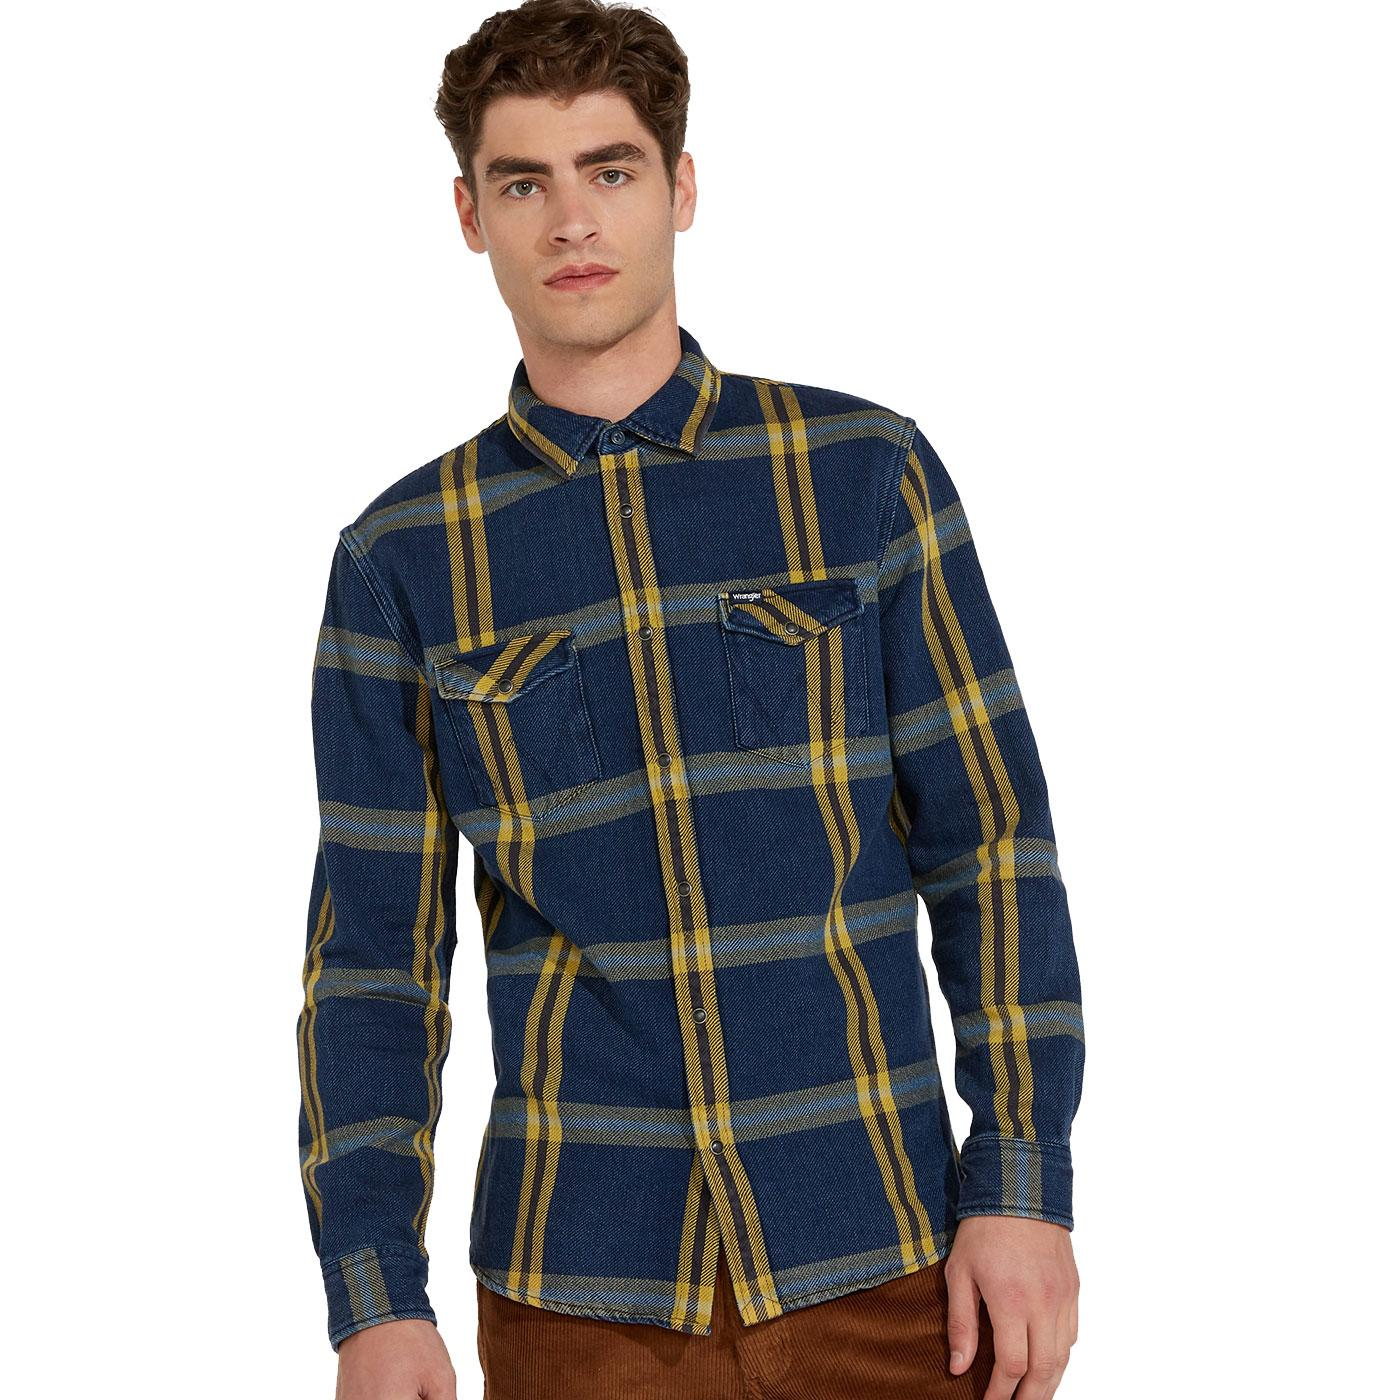 WRANGLER Men's Classic Retro Western Check Shirt